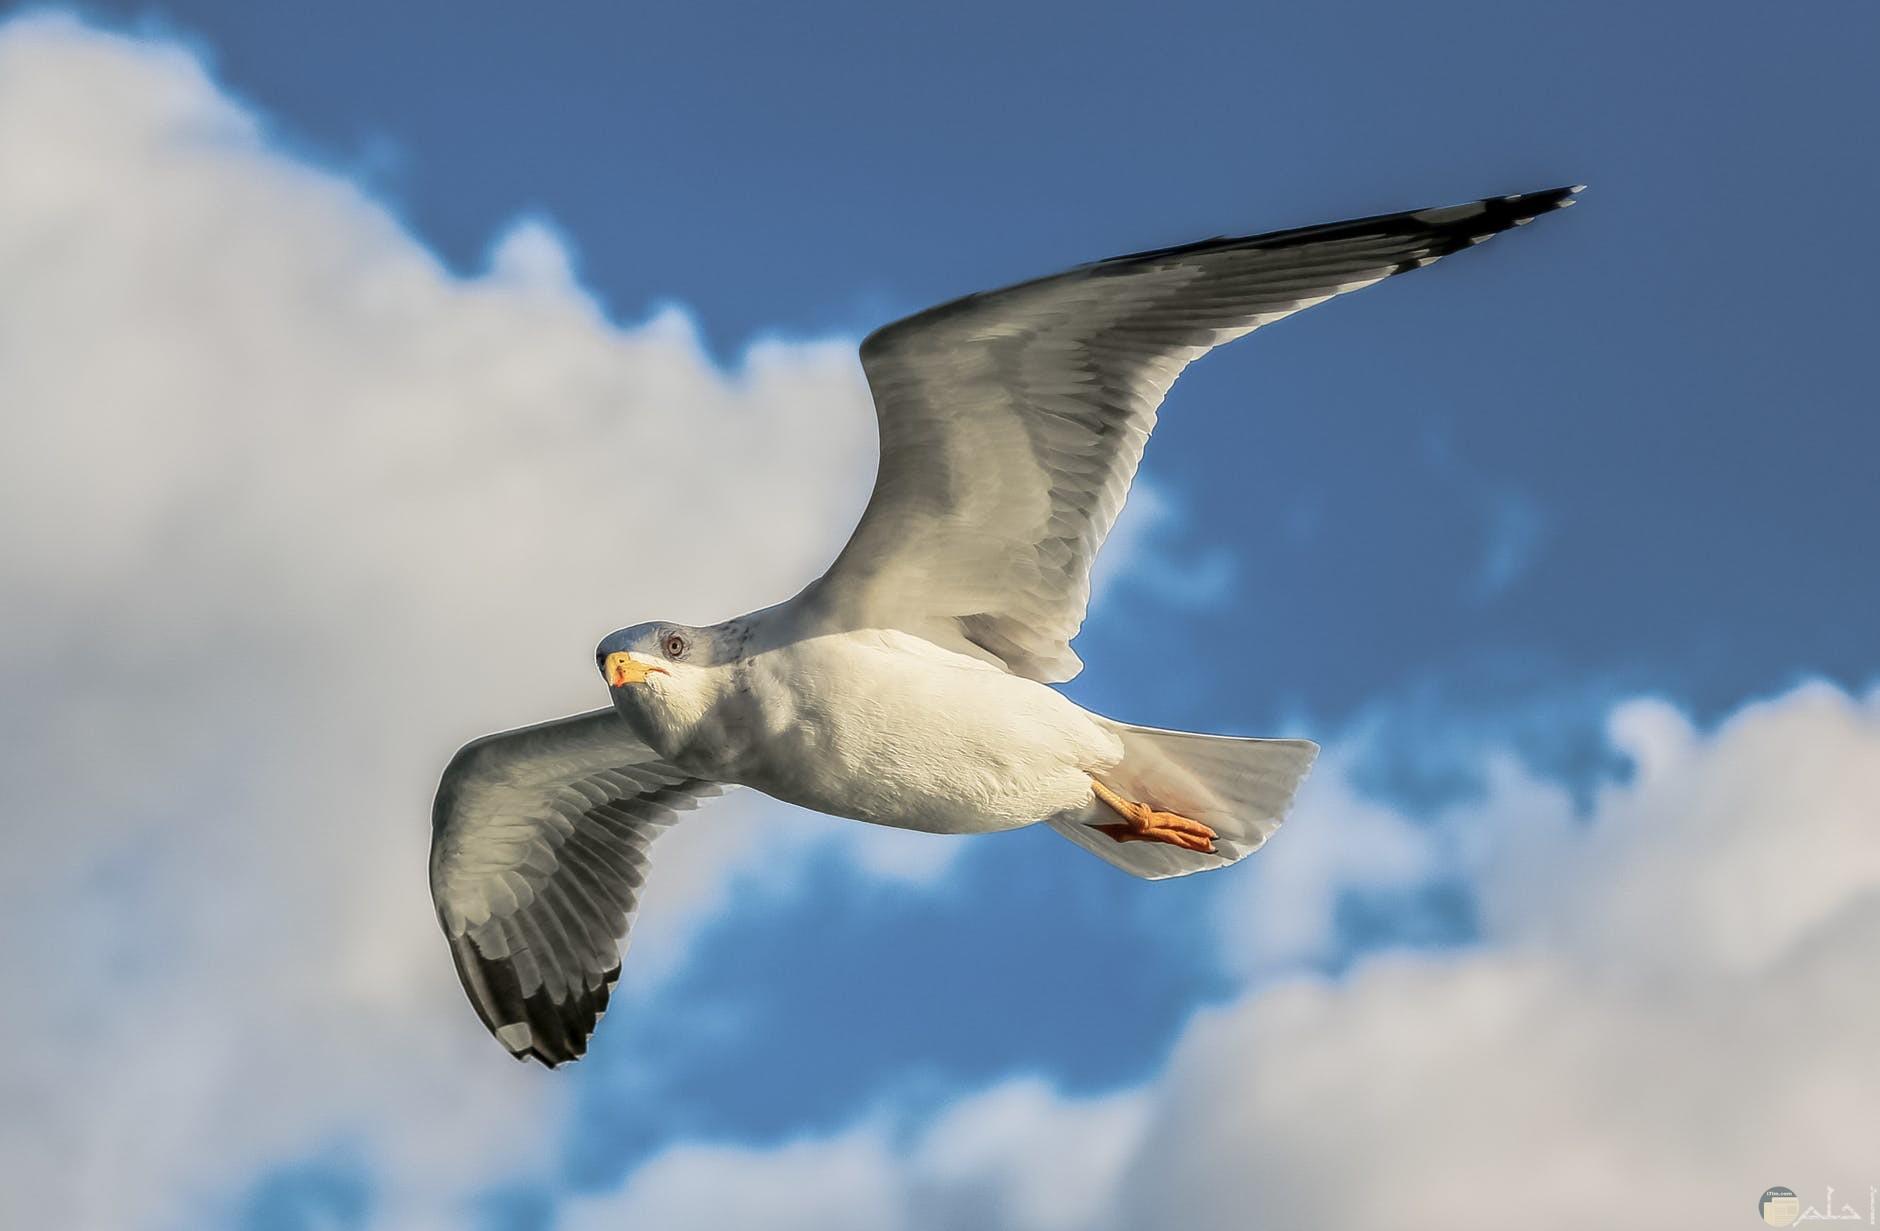 يمامه طائره لونها ابيض في اسمر عند السماء سحابه بيضاء صماء زرقاء